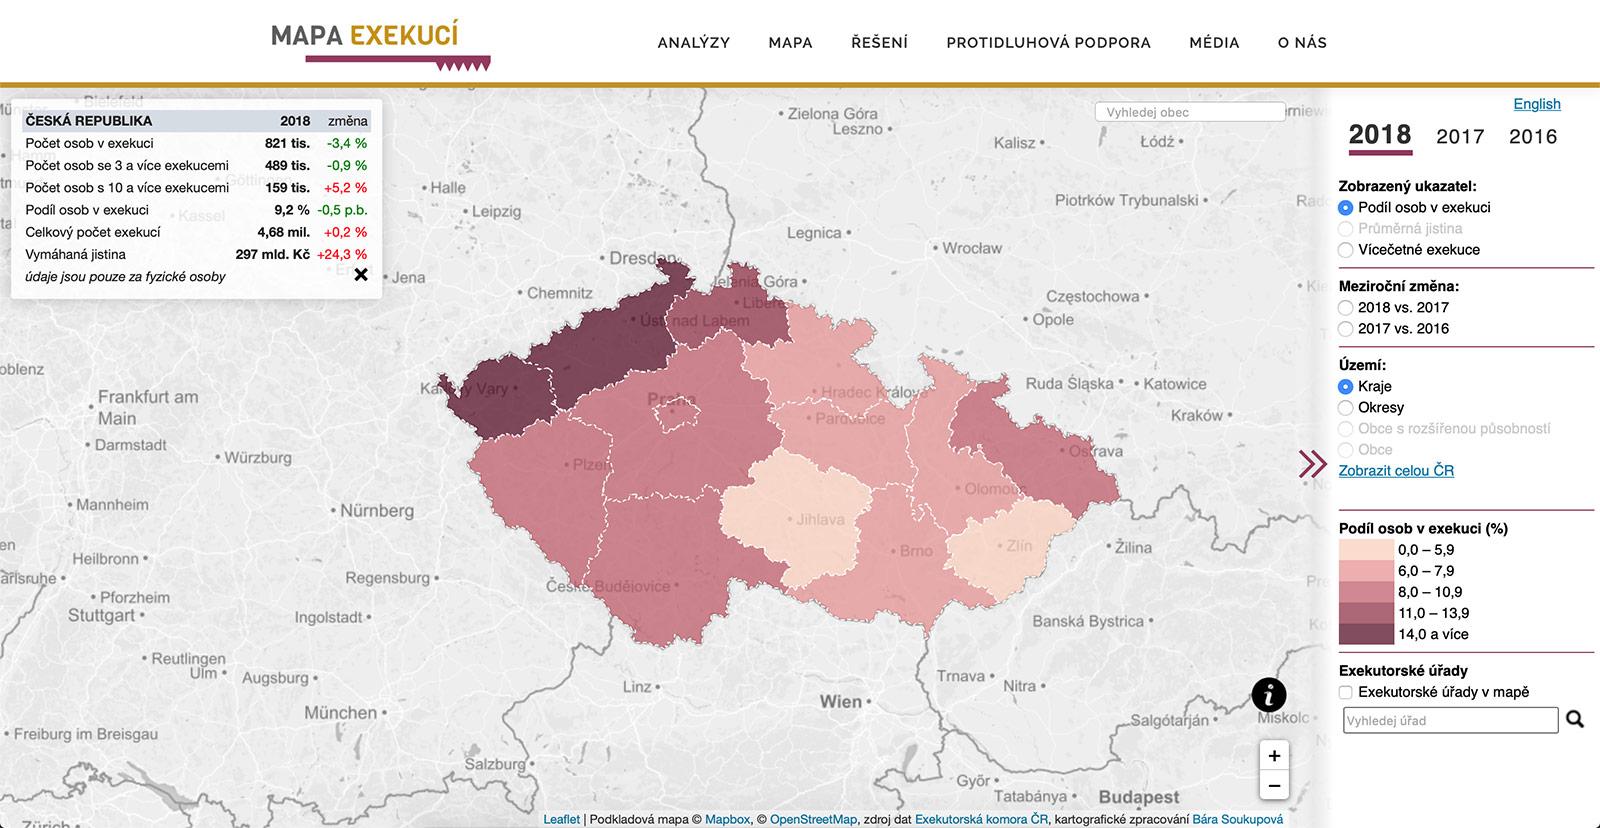 www.mapaexekuci.cz